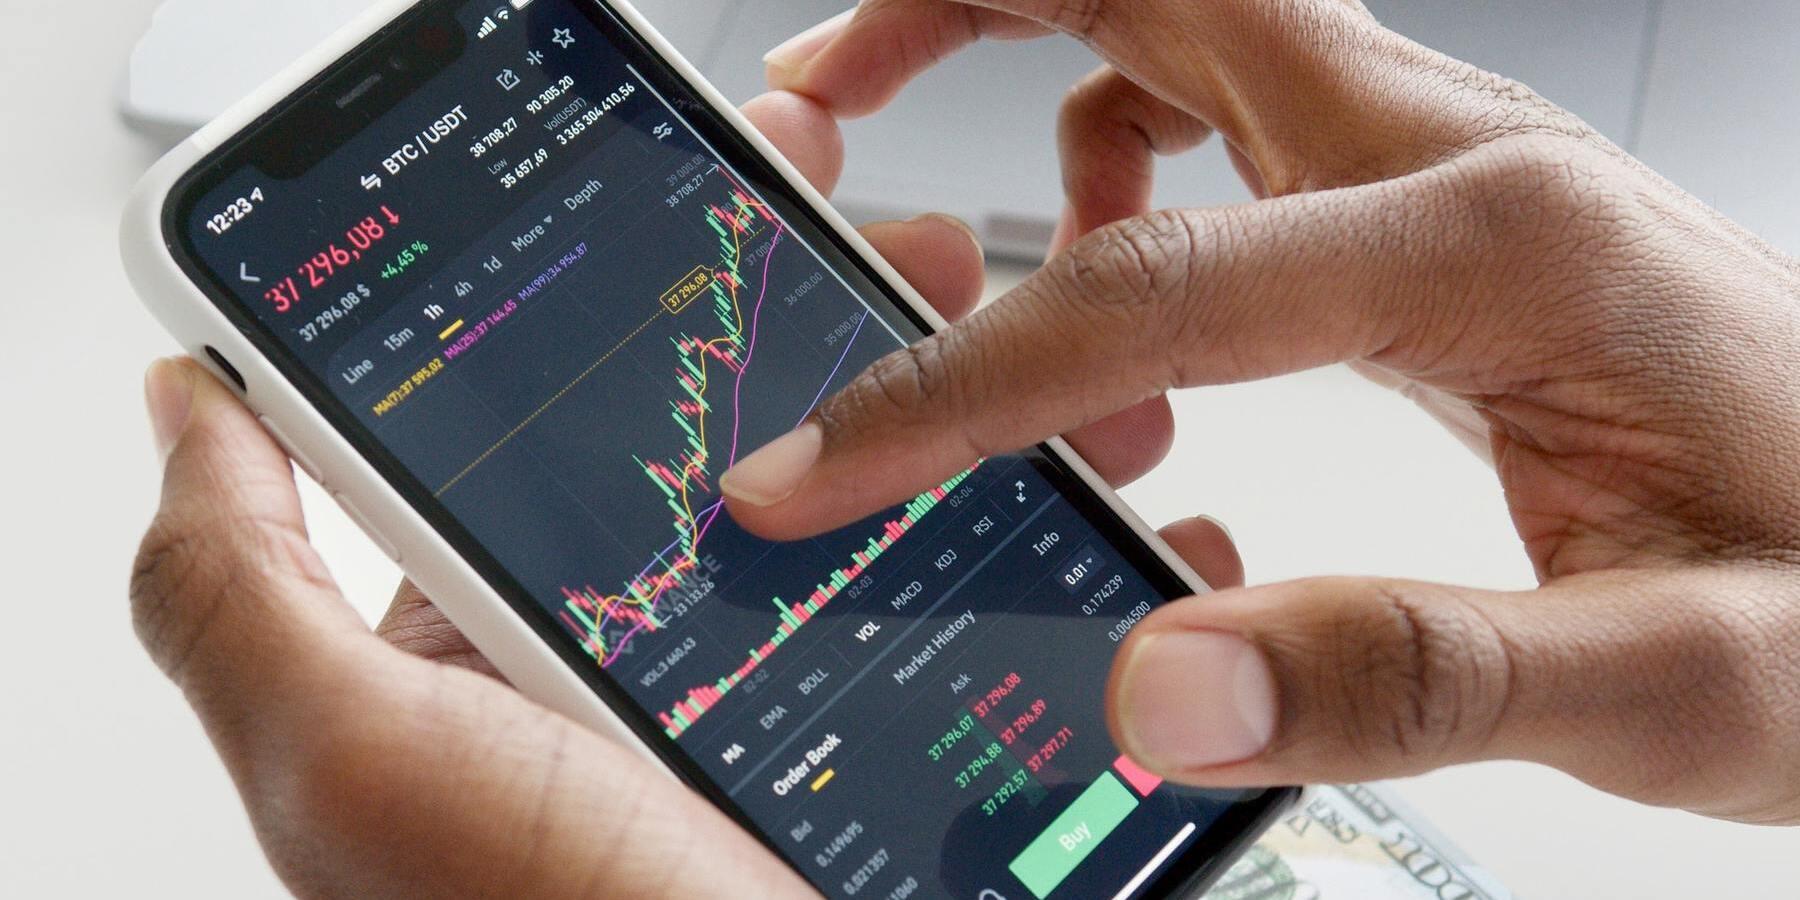 Investieren in Wachstumsaktien - Handy Charts Aktien